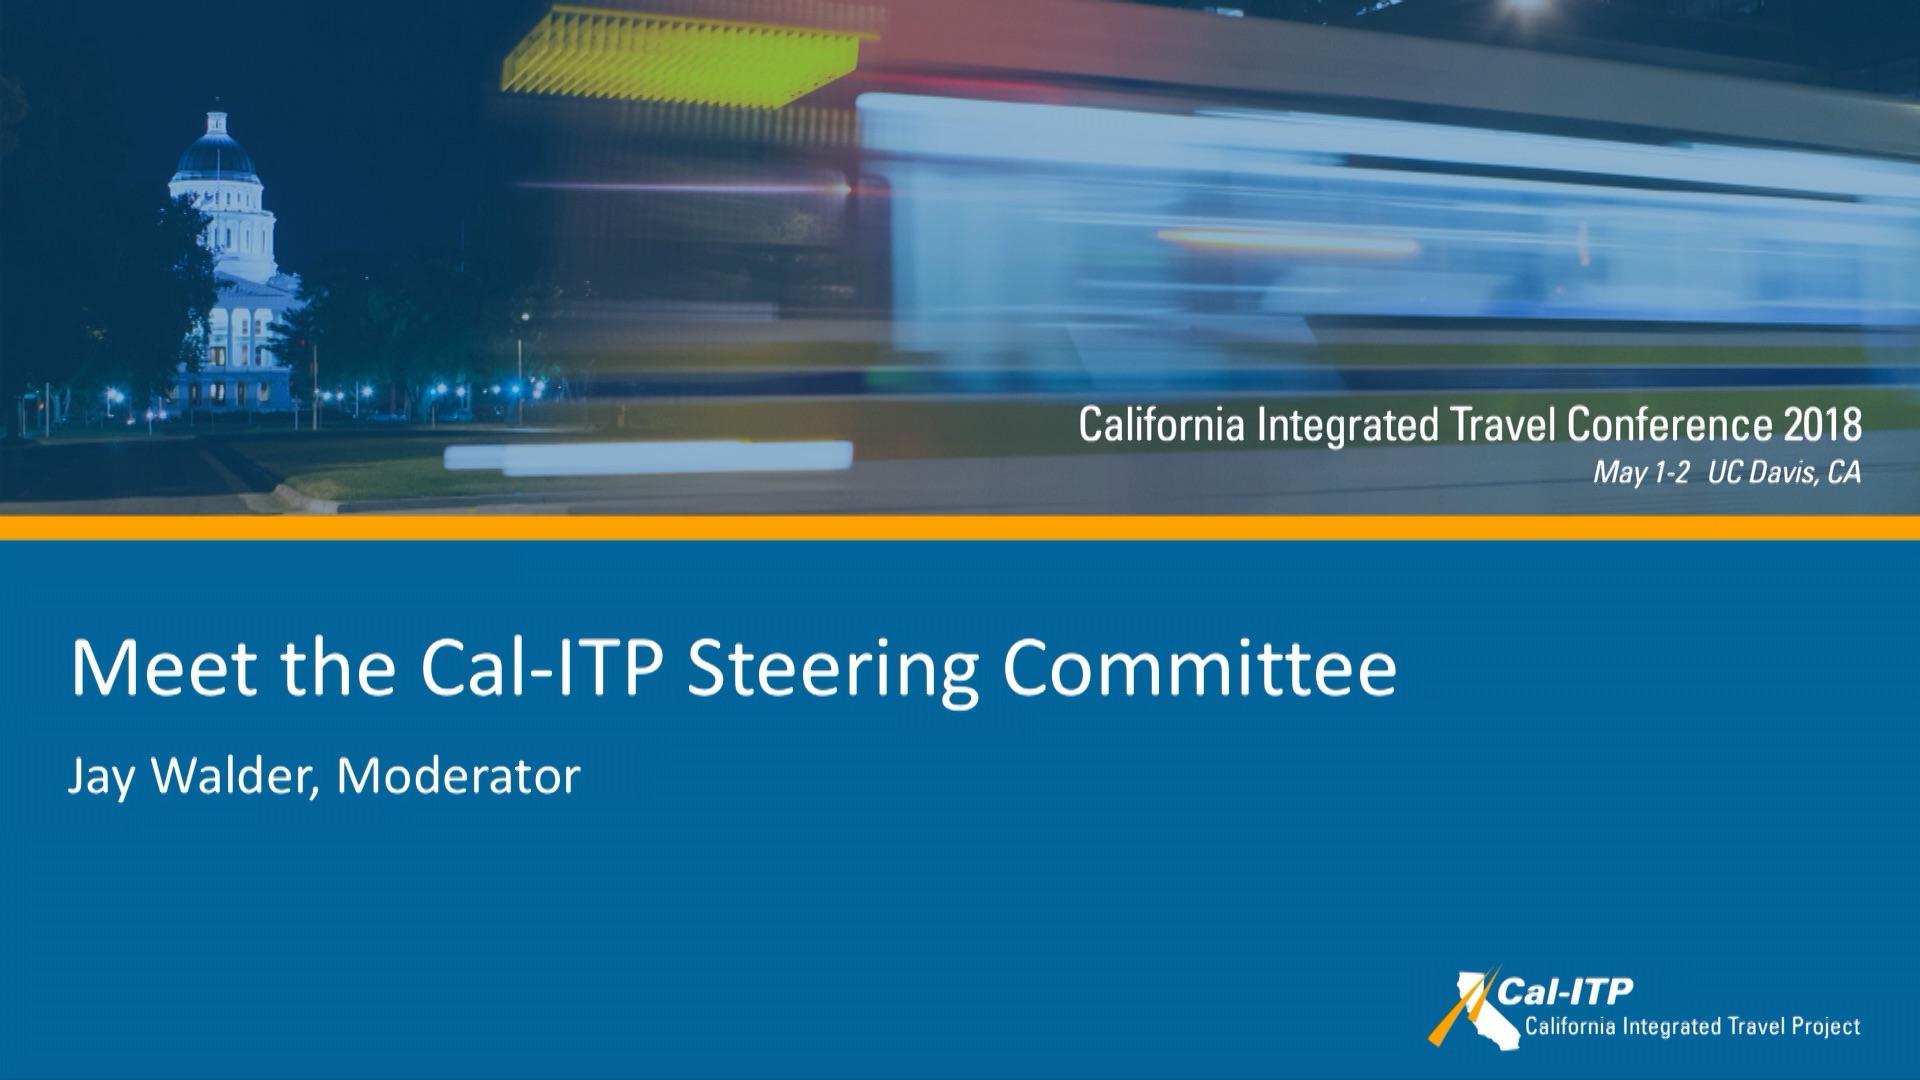 10. Cal-ITP Steering Committee